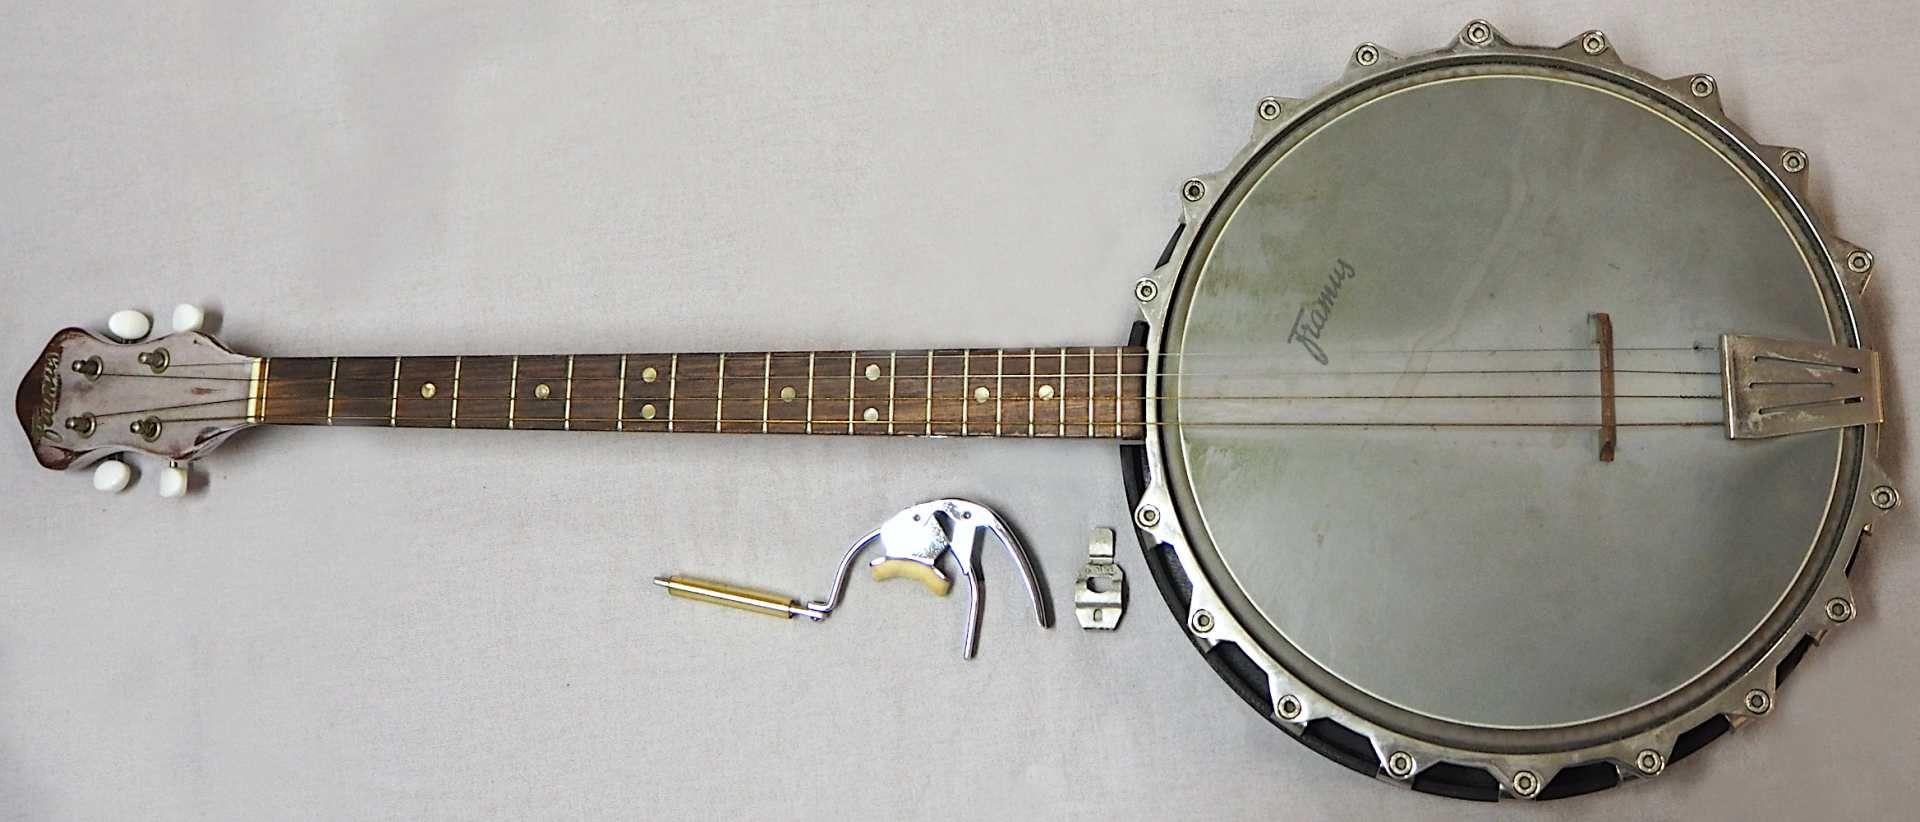 1 Banjo auf Resonanzfell/Kopfplatte bez. FRAMUS, wohl 1960er Jahre 4-saitig, mit Metal